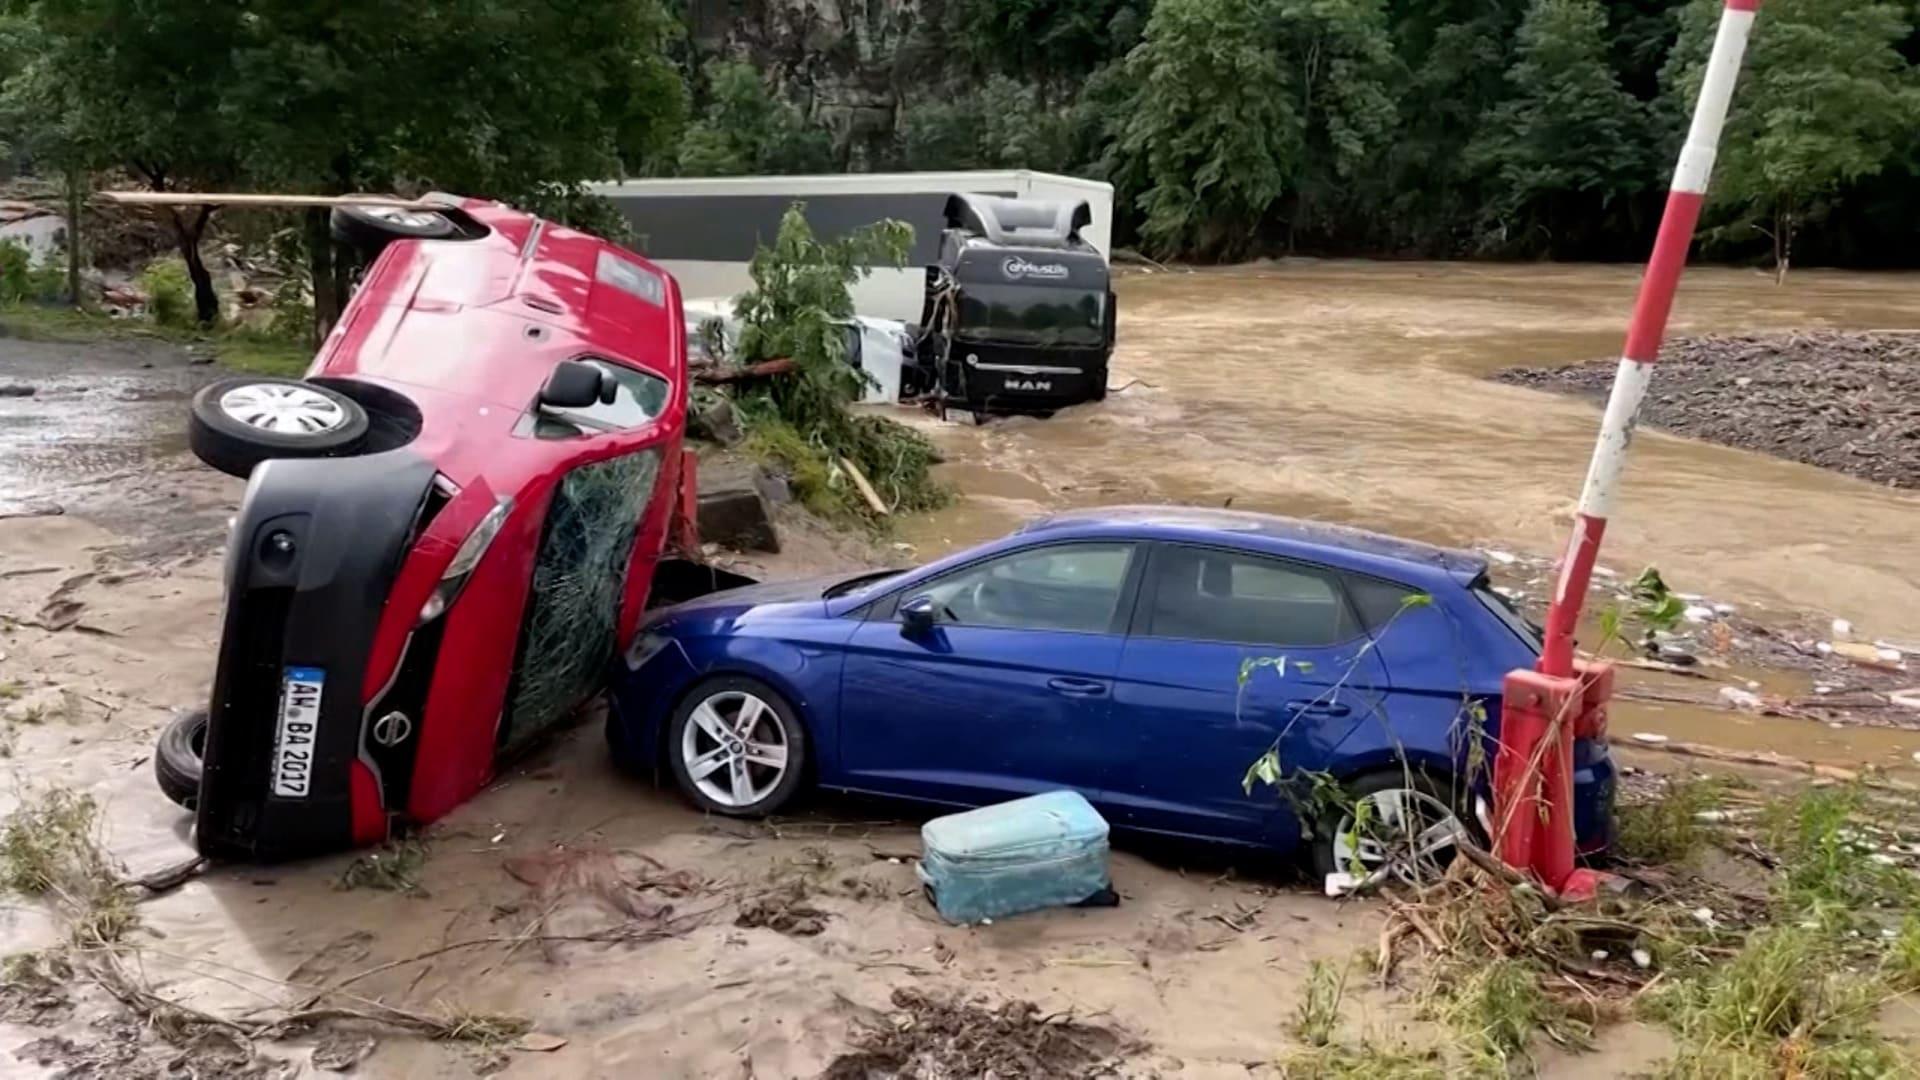 فيضانات تضرب أوروبا.. ومشاهد درامية لعمليات إنقاذ الأشخاص الذين تقطعت بهم السبل